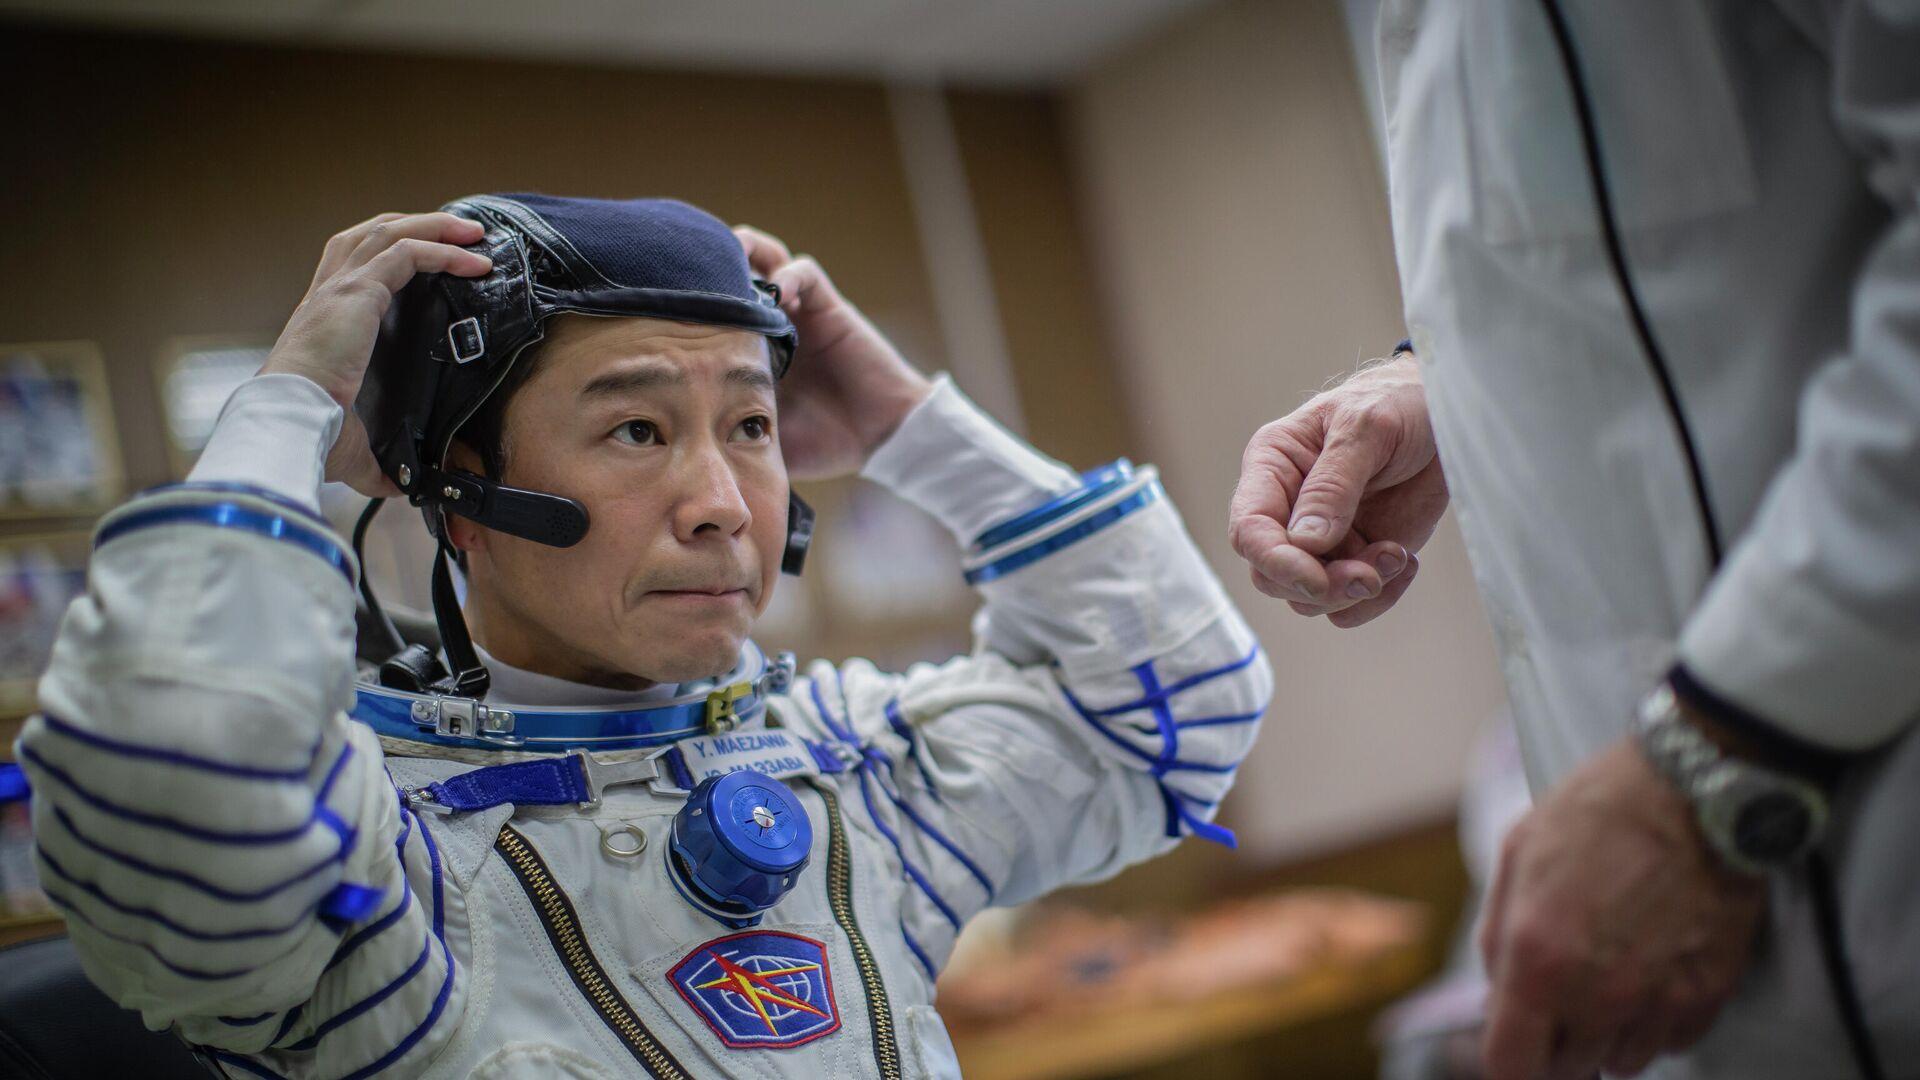 1754633865 0:95:3072:1823 1920x0 80 0 0 ef3cbadb0345a5643734a05f173cb611 - Летящий на МКС японский турист Маэдзава восхитился российским скафандром